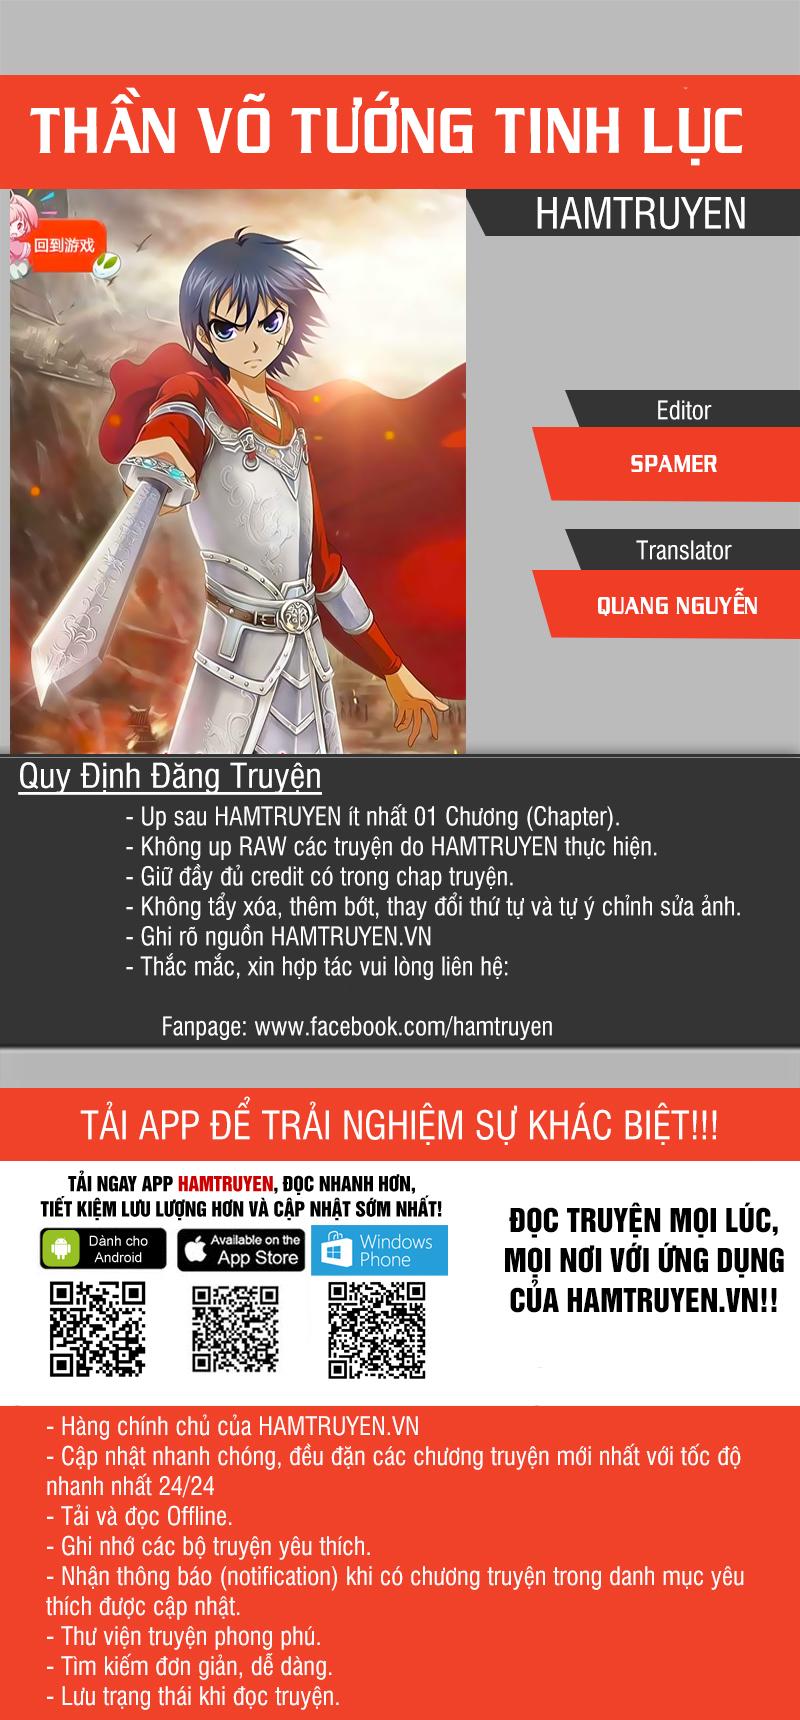 Thần Võ Tướng Tinh Lục Chapter 24 - Hamtruyen.vn